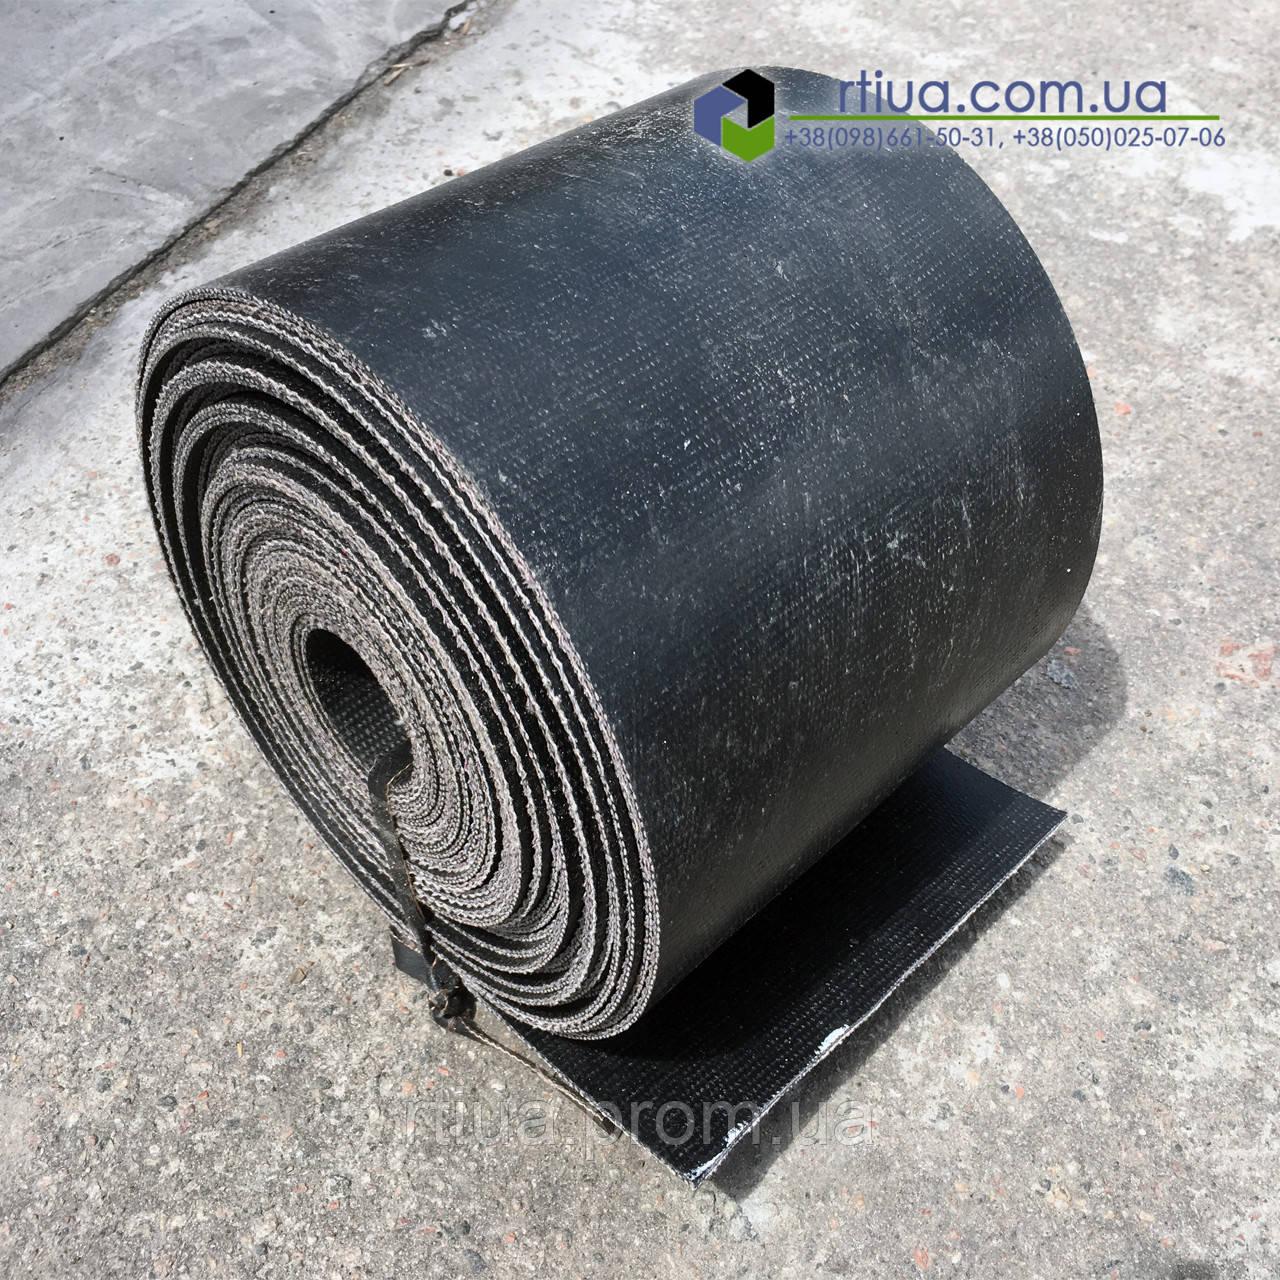 Транспортерная лента БКНЛ, 125х6 мм